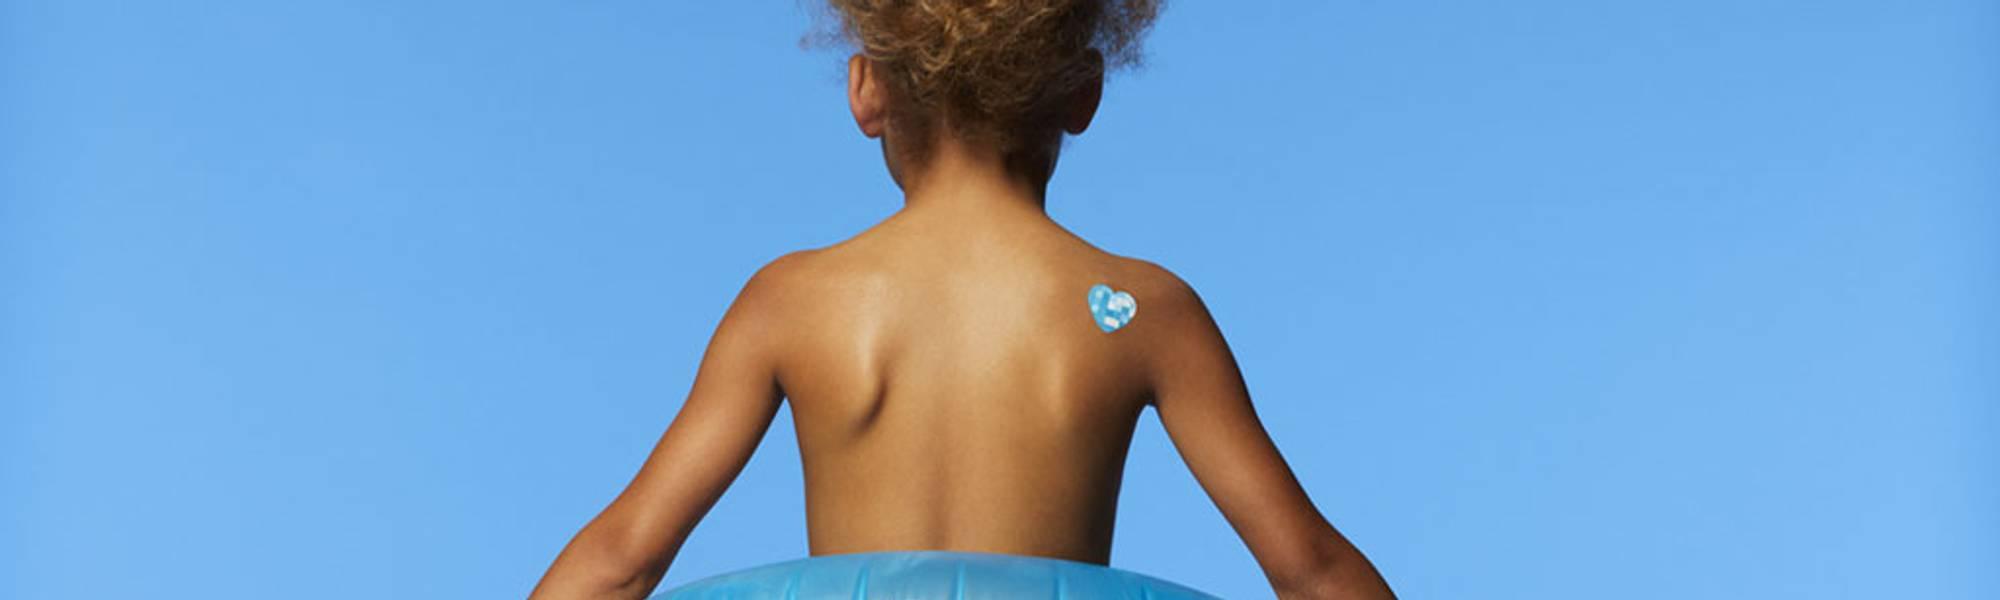 Larocheposay ArticleSide Solkrem til barn Hvordan beskytte dine barn